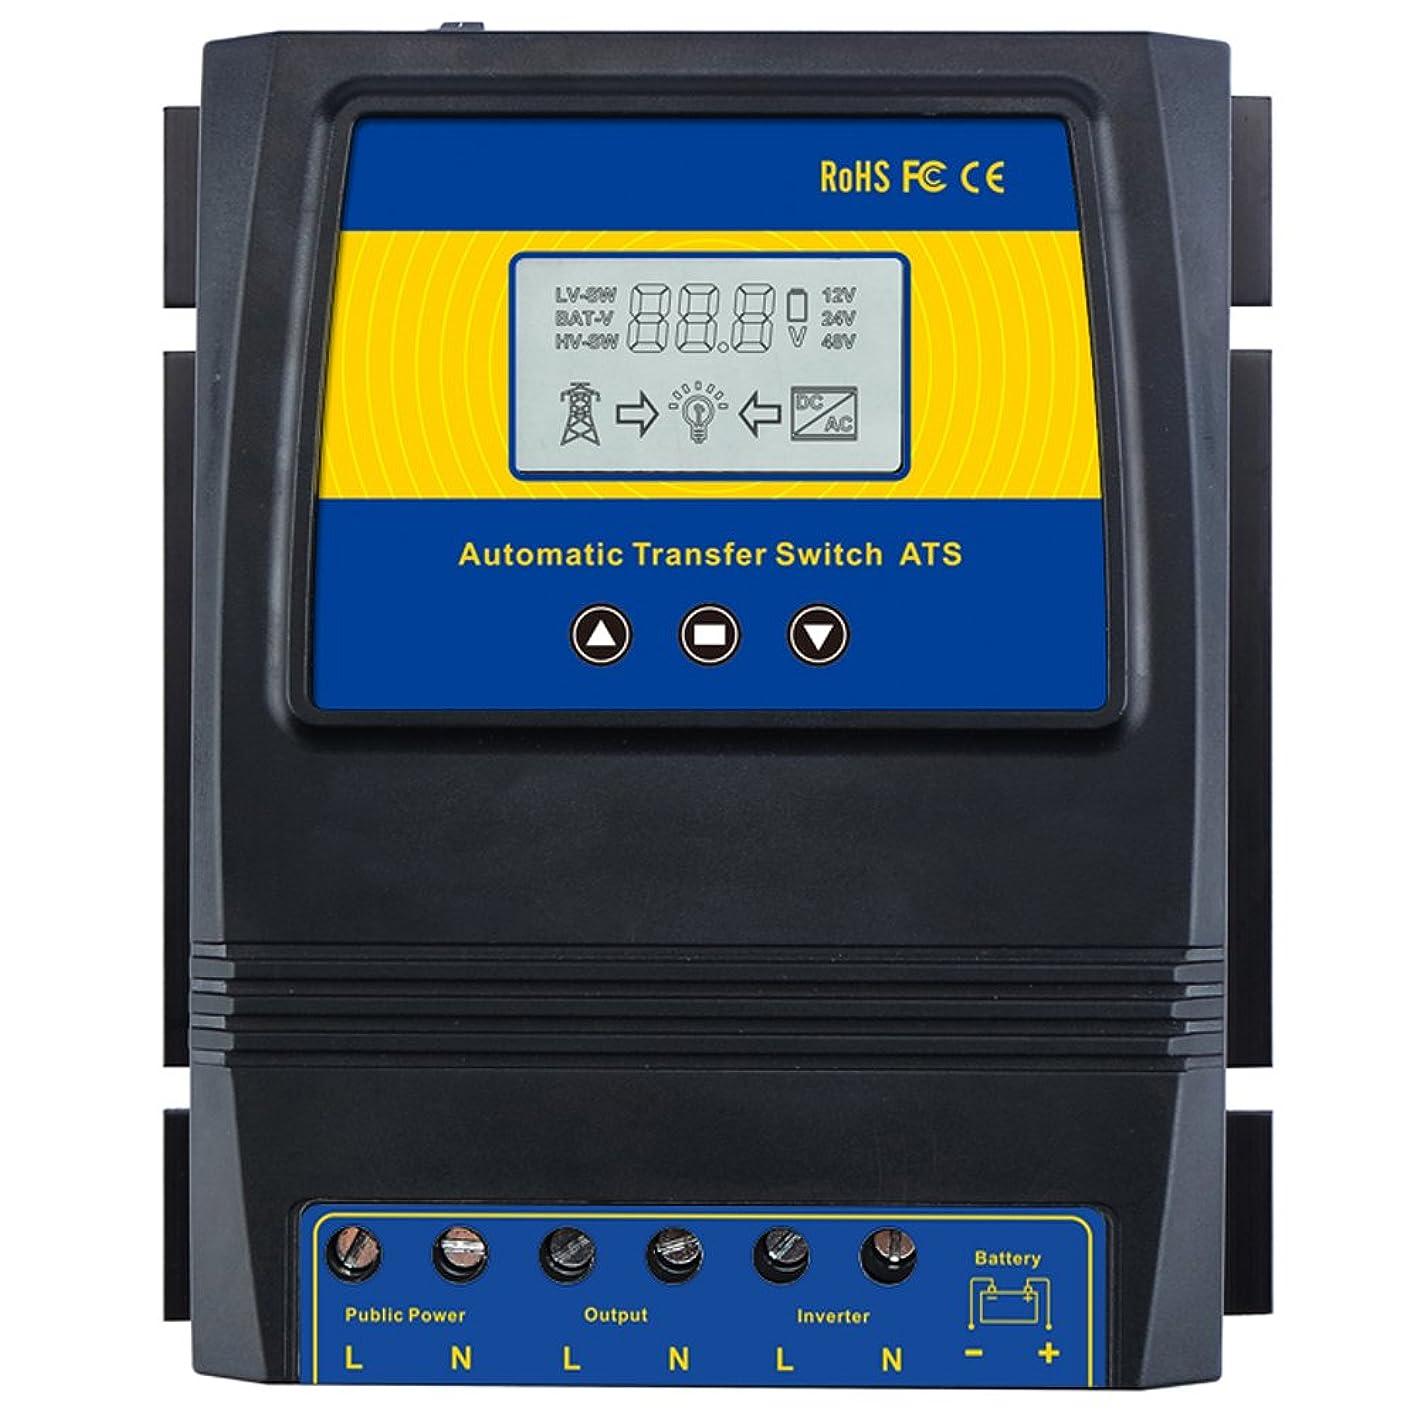 有益記憶追跡MOES ダブル電源のコンバーターコントローラー50A 5500 W自動で切り替える 独立のソーラーエネルギー/風力エネルギーシステムに適用されているATS DC12V 24V 48V AC 110V 220V